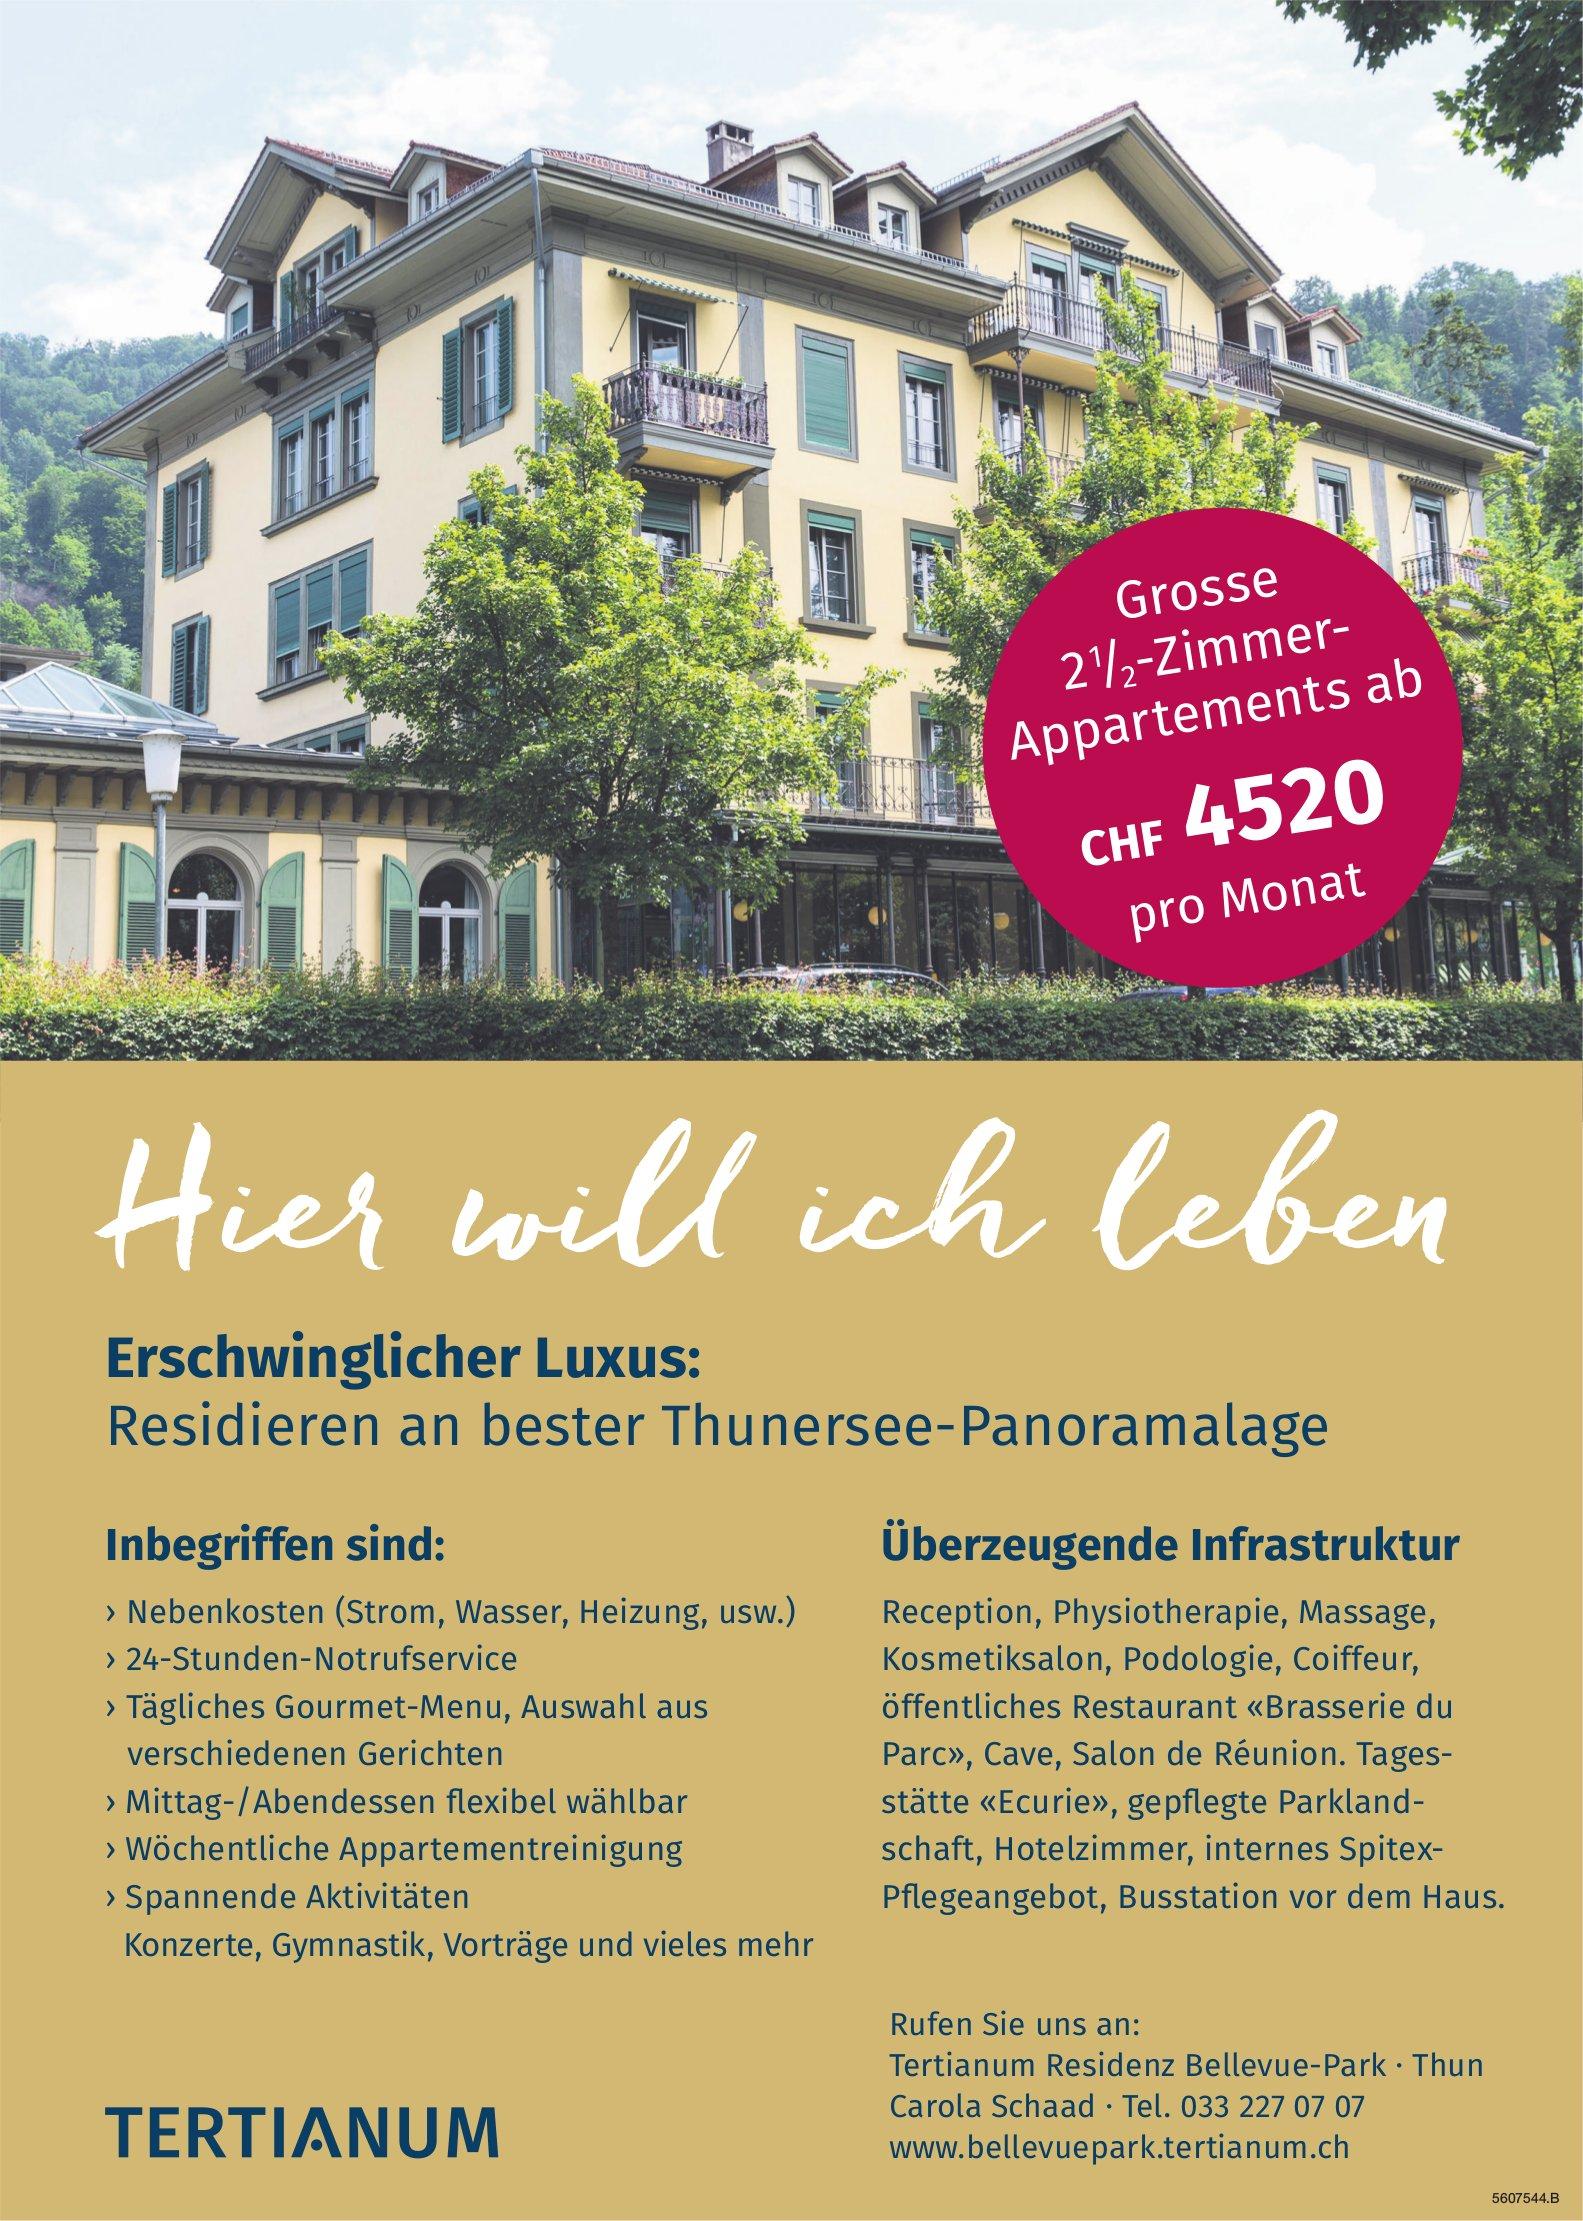 2.5-Zimmer-Appartements im Tertianum Residenz Bellevue-Park, Thun, zu vermieten